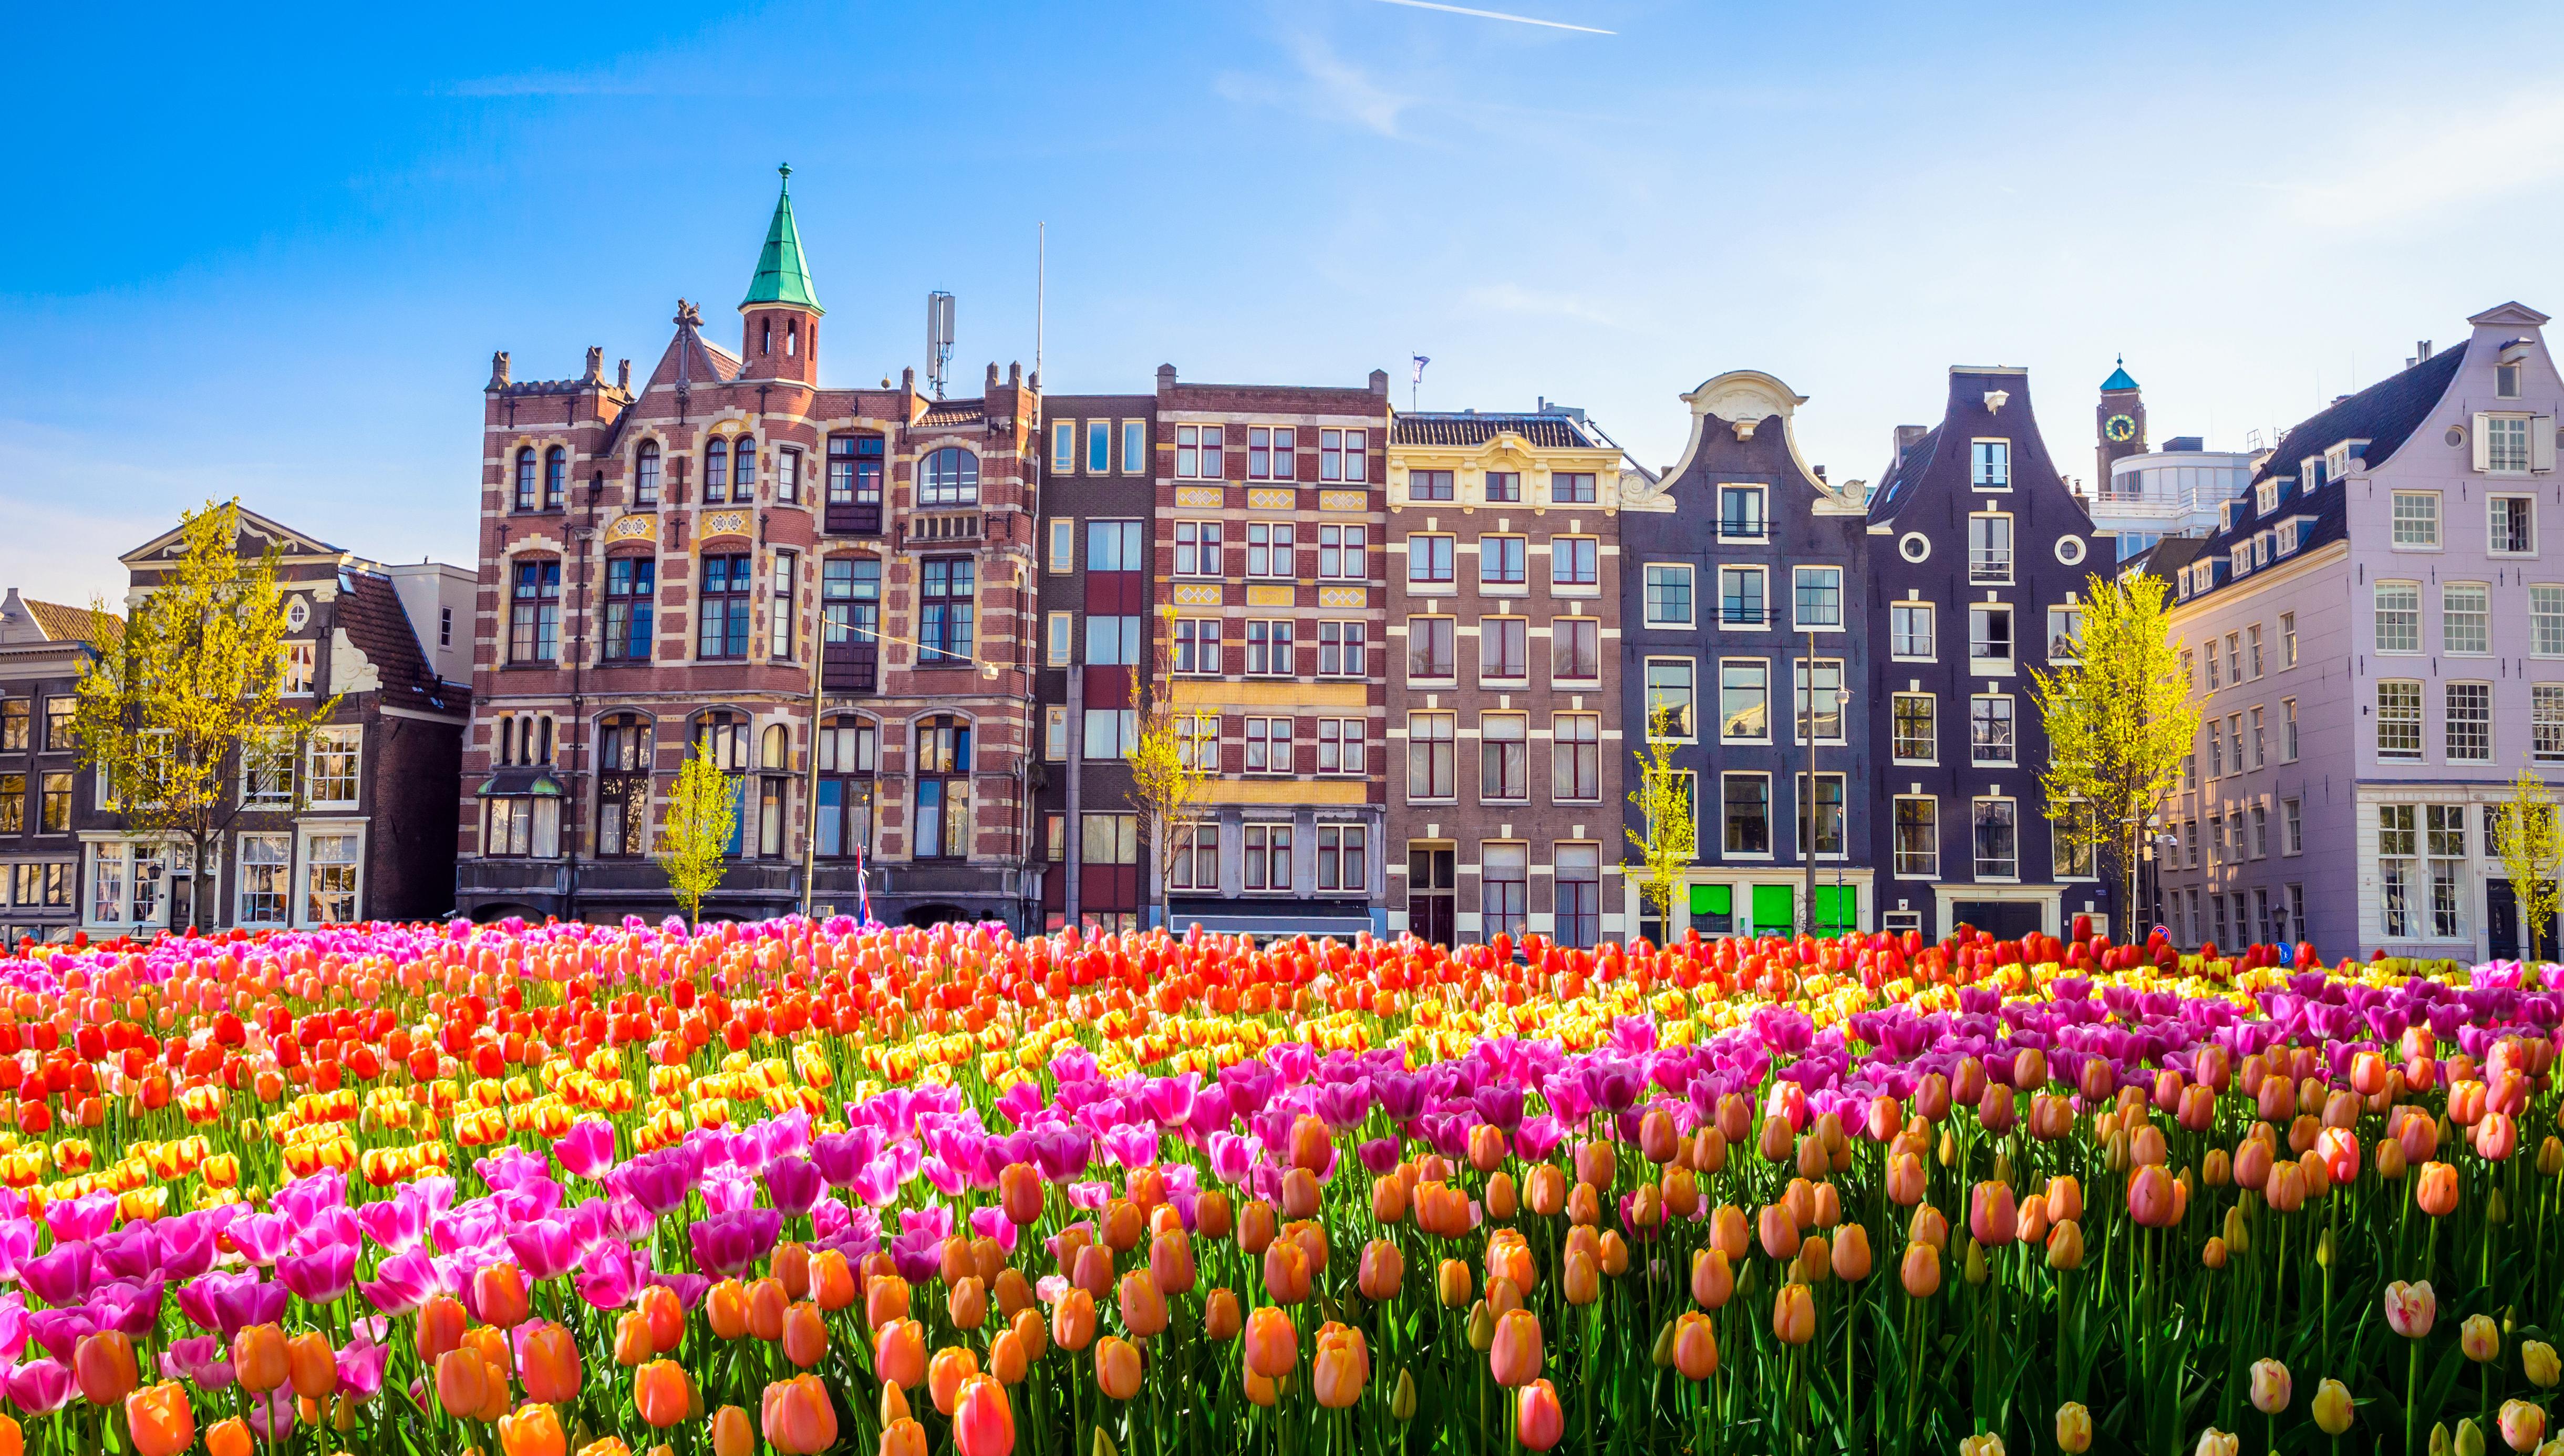 Polja tulipanov, Nizozemska